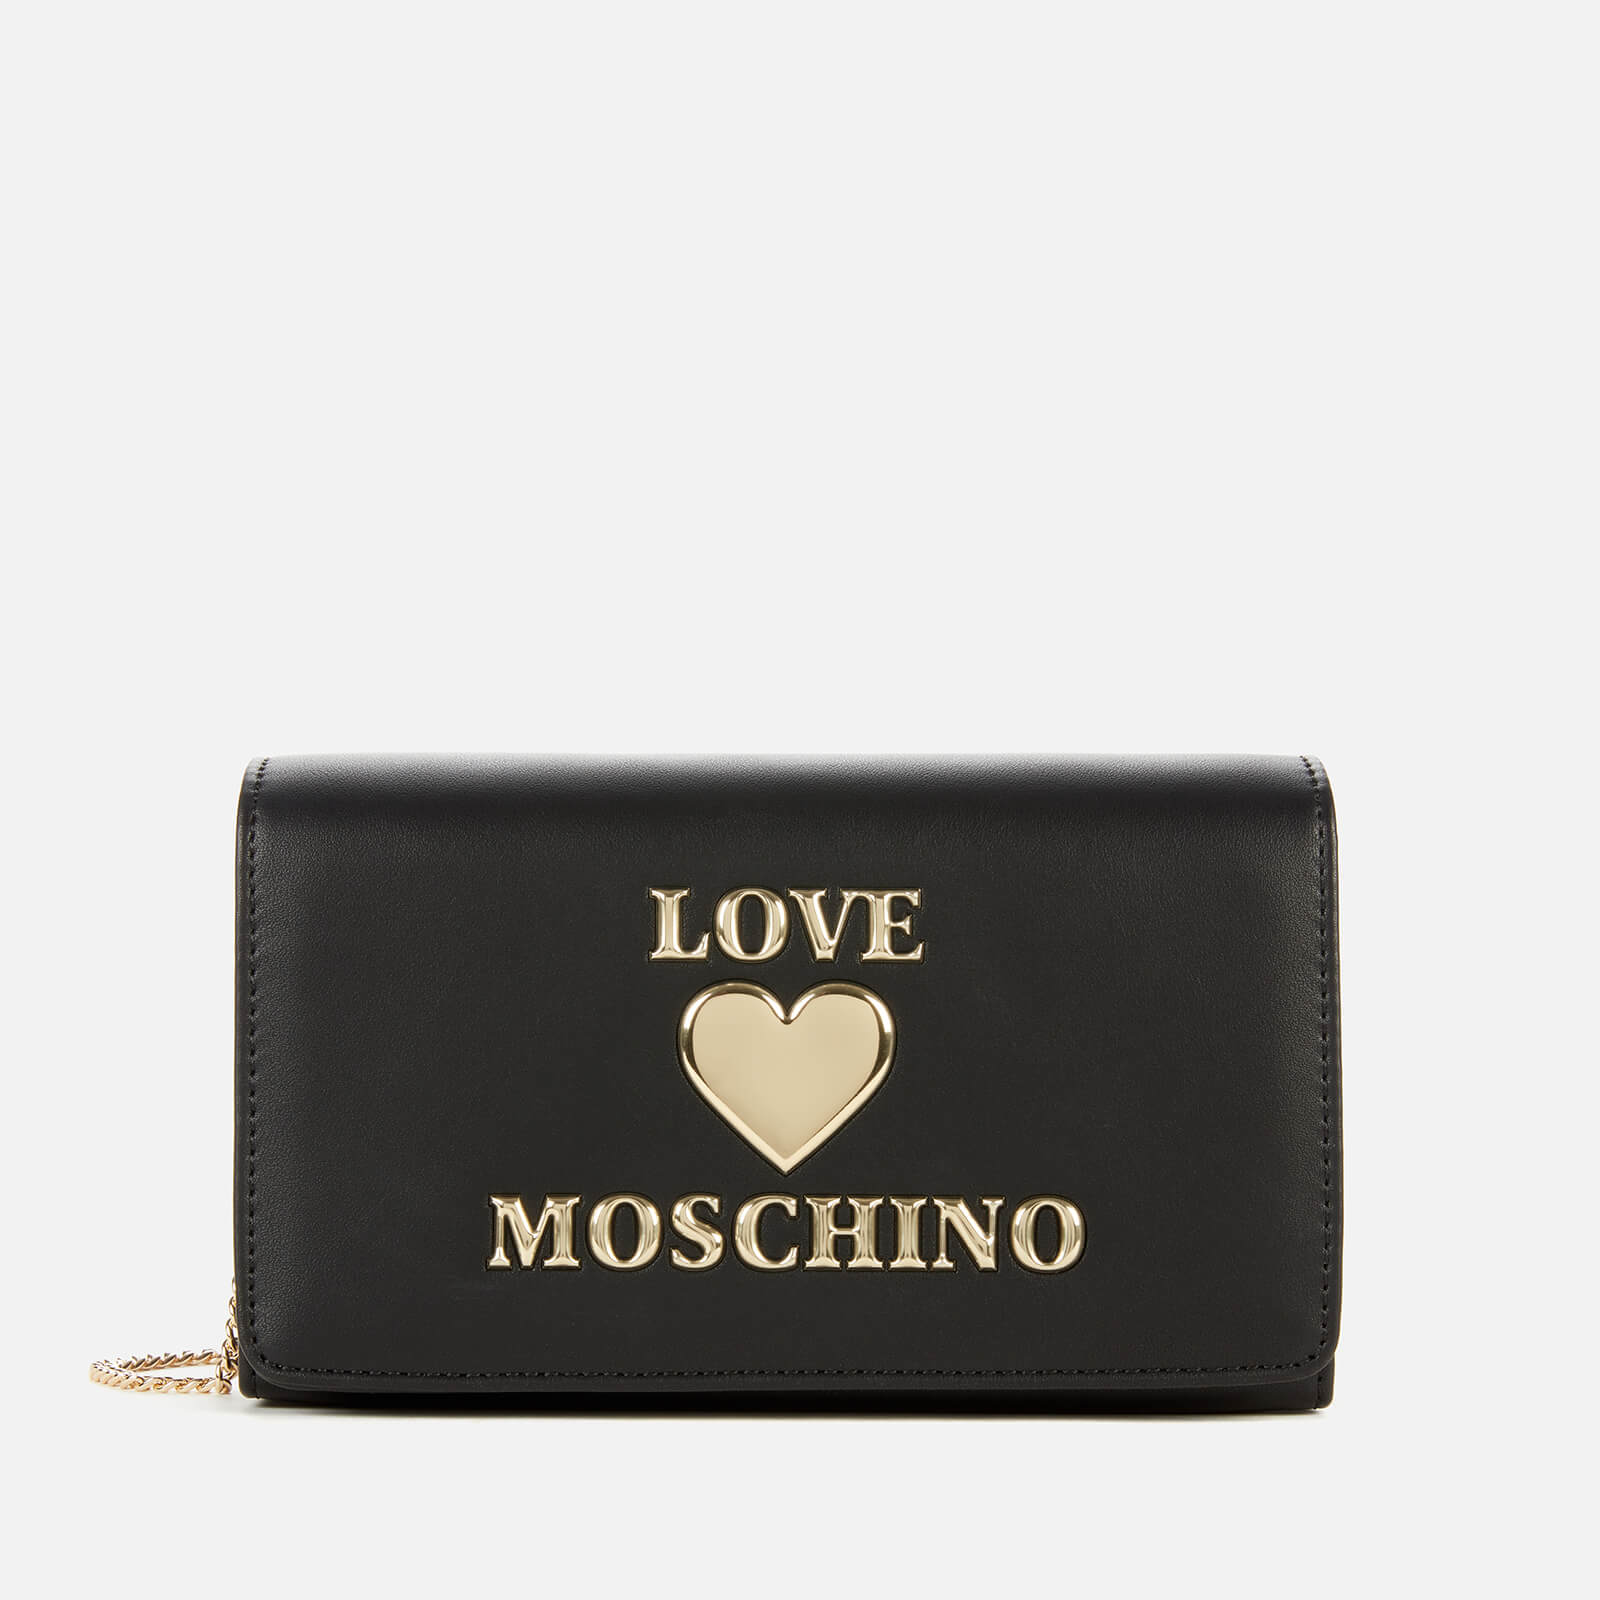 Love Moschino Women's Love Chain Cross Body Bag - Black